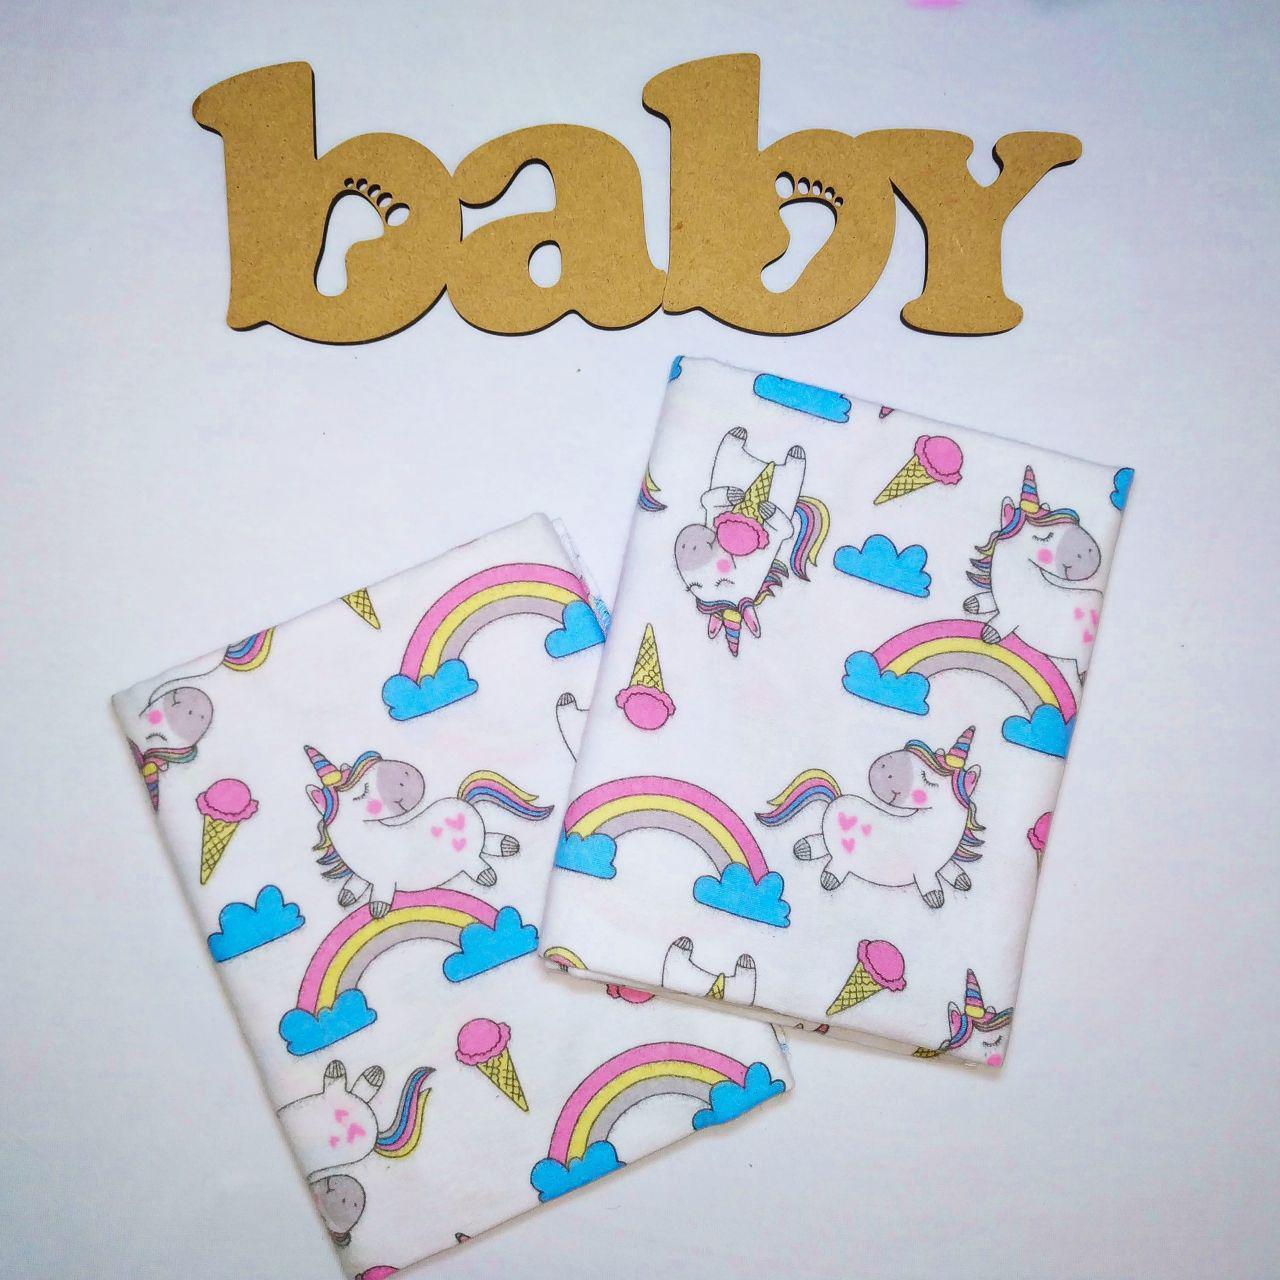 Пеленка для новорожденных 80*100см Фланель (байка) |  Пелюшка для новонароджених 80 * 100см Фланель (байка)